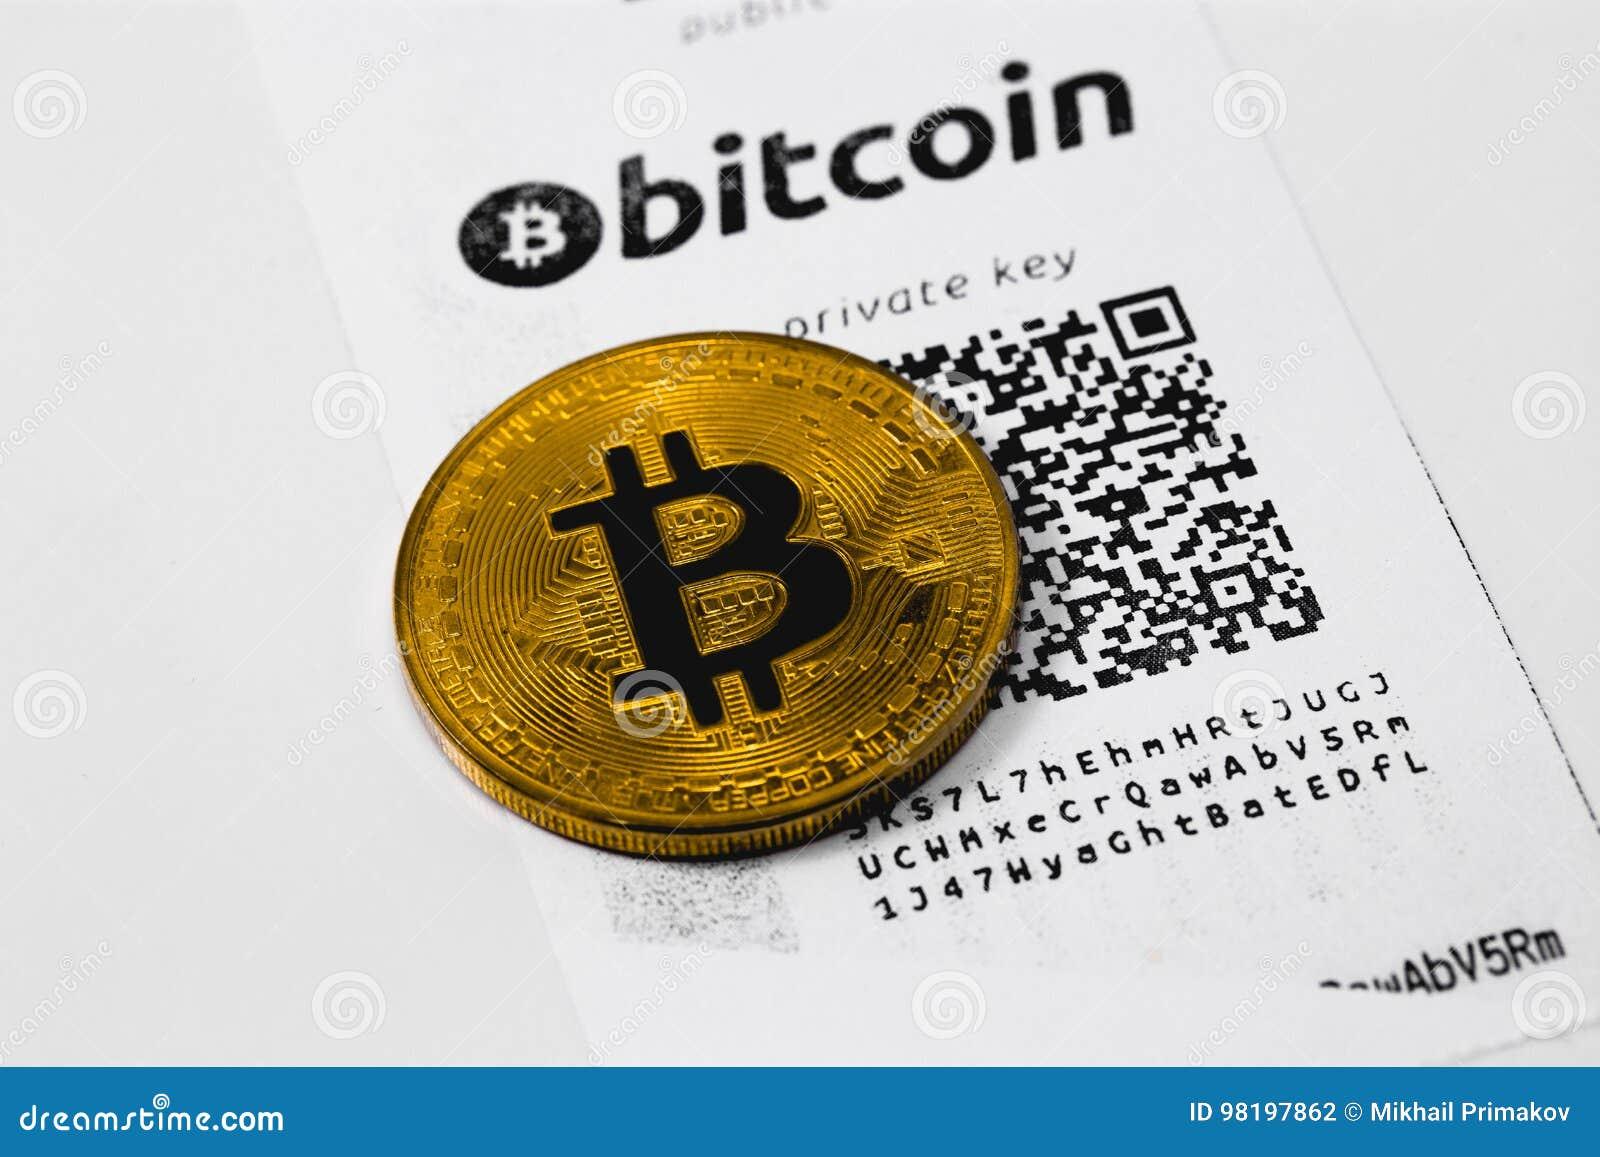 Det institutionella intresset för Bitcoin ökar betydligt